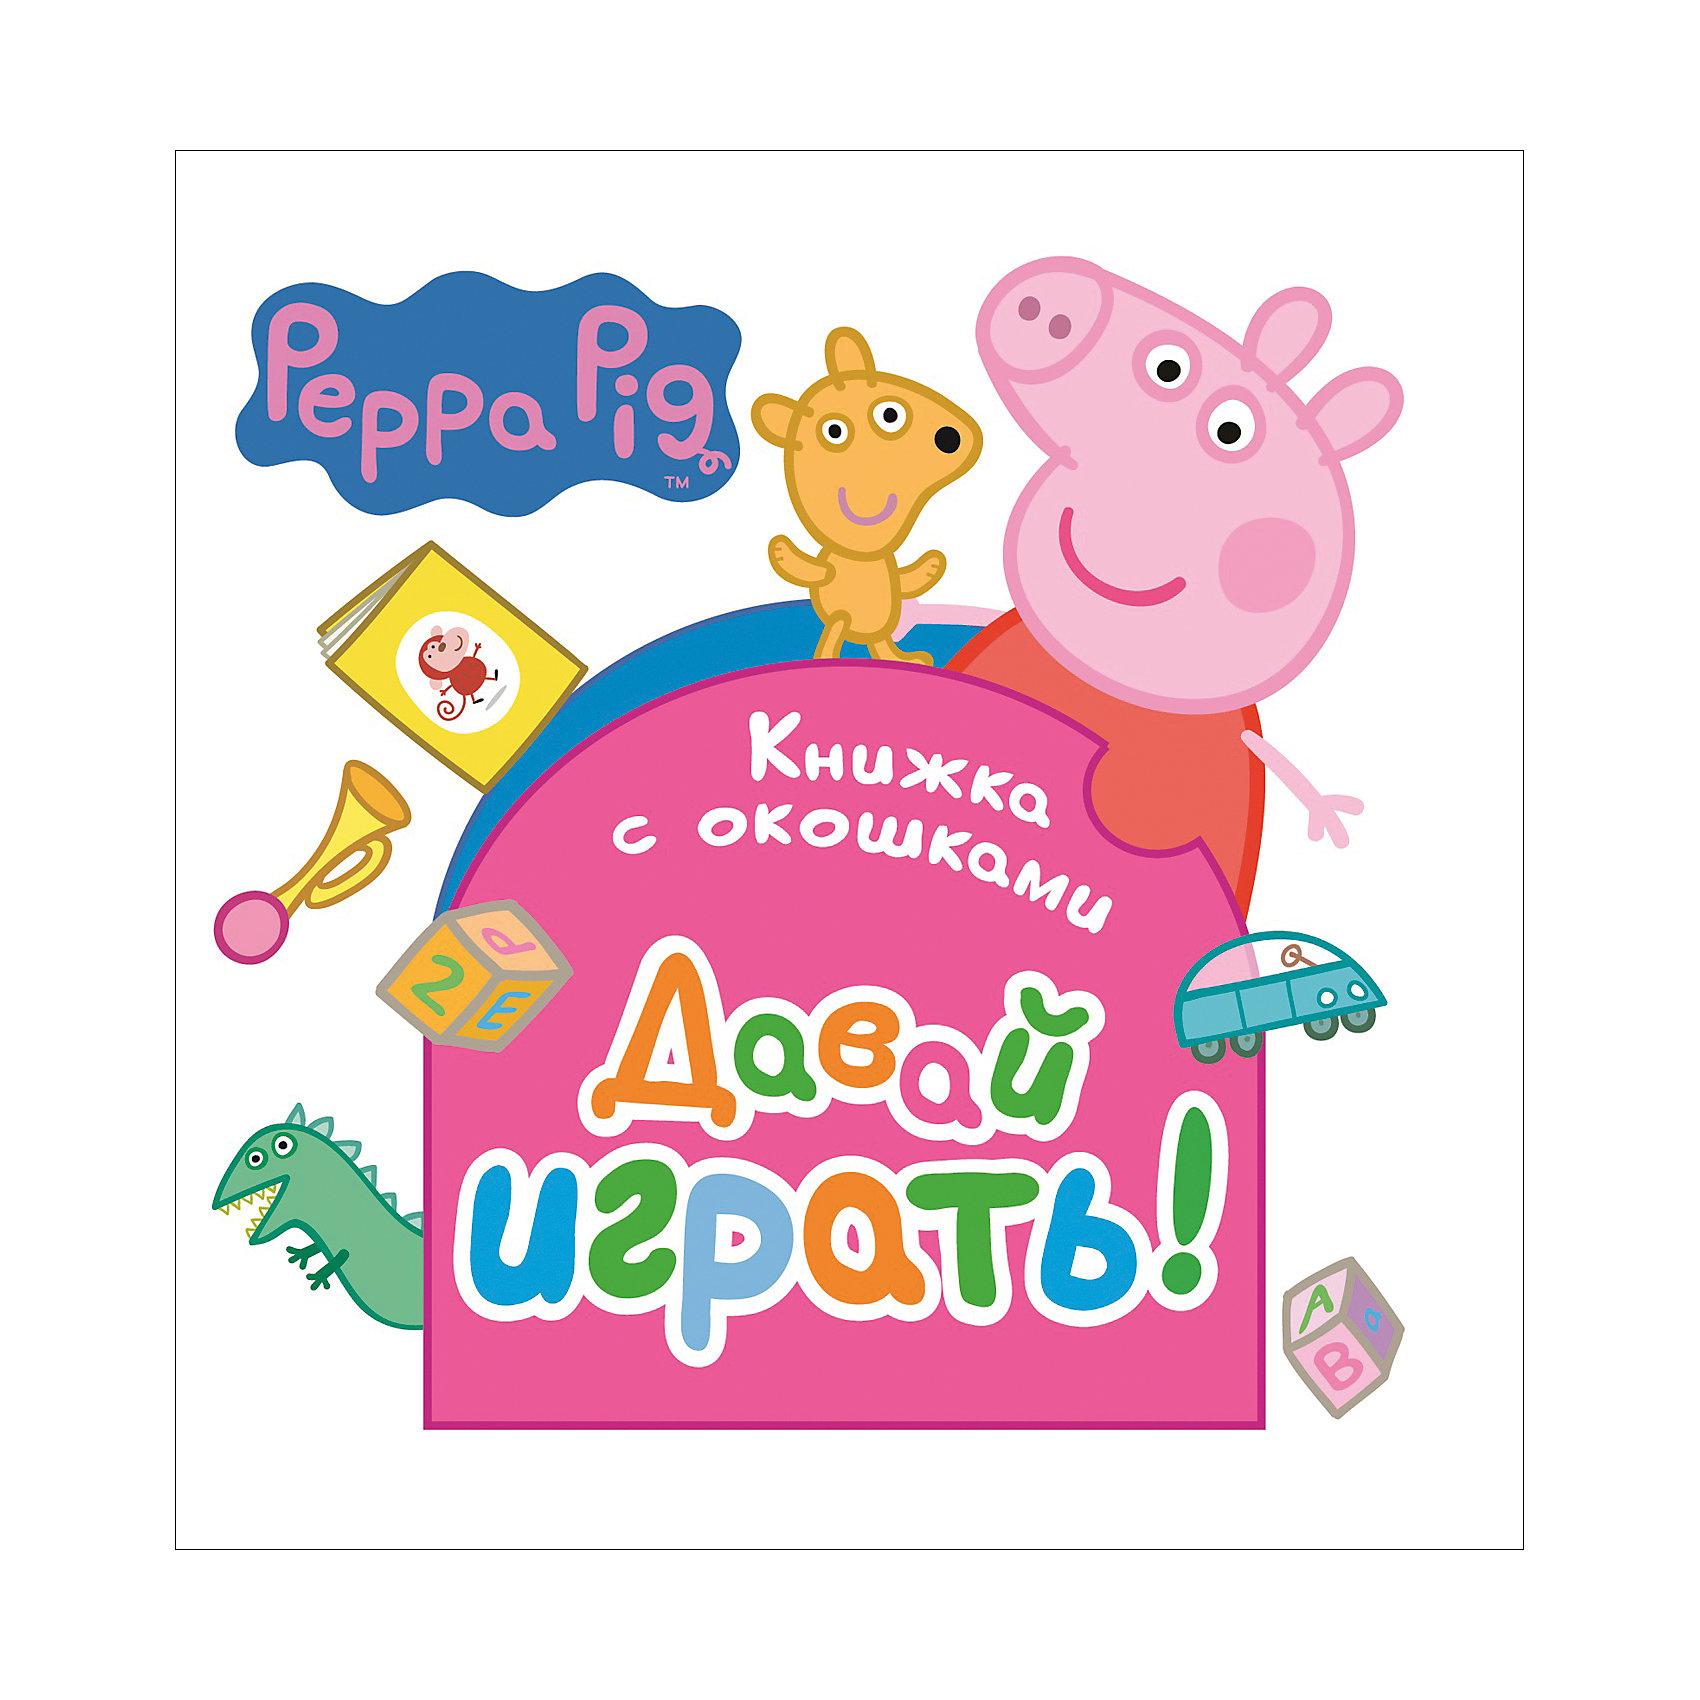 Книжка с окошками Давай играть!, Свинка ПеппаРосмэн<br>Книжка с окошками Давай играть!, Свинка Пеппа<br><br>Характеристики:<br>- количество страниц: 10<br>- формат: 13 * 0.1 * 13 см.<br>- Тип обложки: мягкая<br>- Иллюстрации: цветные<br>- вес: 48 гр.<br>Яркая и цветная книга с любимыми героями из мультсериала Свинка Пеппа помогут ребенку узнать больше о персонажах и играть с ними в веселые игры, постепенно развиваясь. Веселые окошки, за которыми спрятаны секреты, увлекательные вопросы и небольшие задания позволят заинтересовать малыша на долгое время. Книжка развивает моторику пальчиков, усидчивость, логическое мышление и воображение. <br>Книжку с окошками Давай играть!, Свинка Пеппа можно купить в нашем интернет-магазине.<br>Подробнее:<br>• ISBN: 9785353081630<br>• Для детей в возрасте: от 0 до 4 лет<br>• Номер товара: 5109593<br>Страна производитель: Российская Федерация<br><br>Ширина мм: 127<br>Глубина мм: 127<br>Высота мм: 10<br>Вес г: 48<br>Возраст от месяцев: 0<br>Возраст до месяцев: 36<br>Пол: Унисекс<br>Возраст: Детский<br>SKU: 5109593